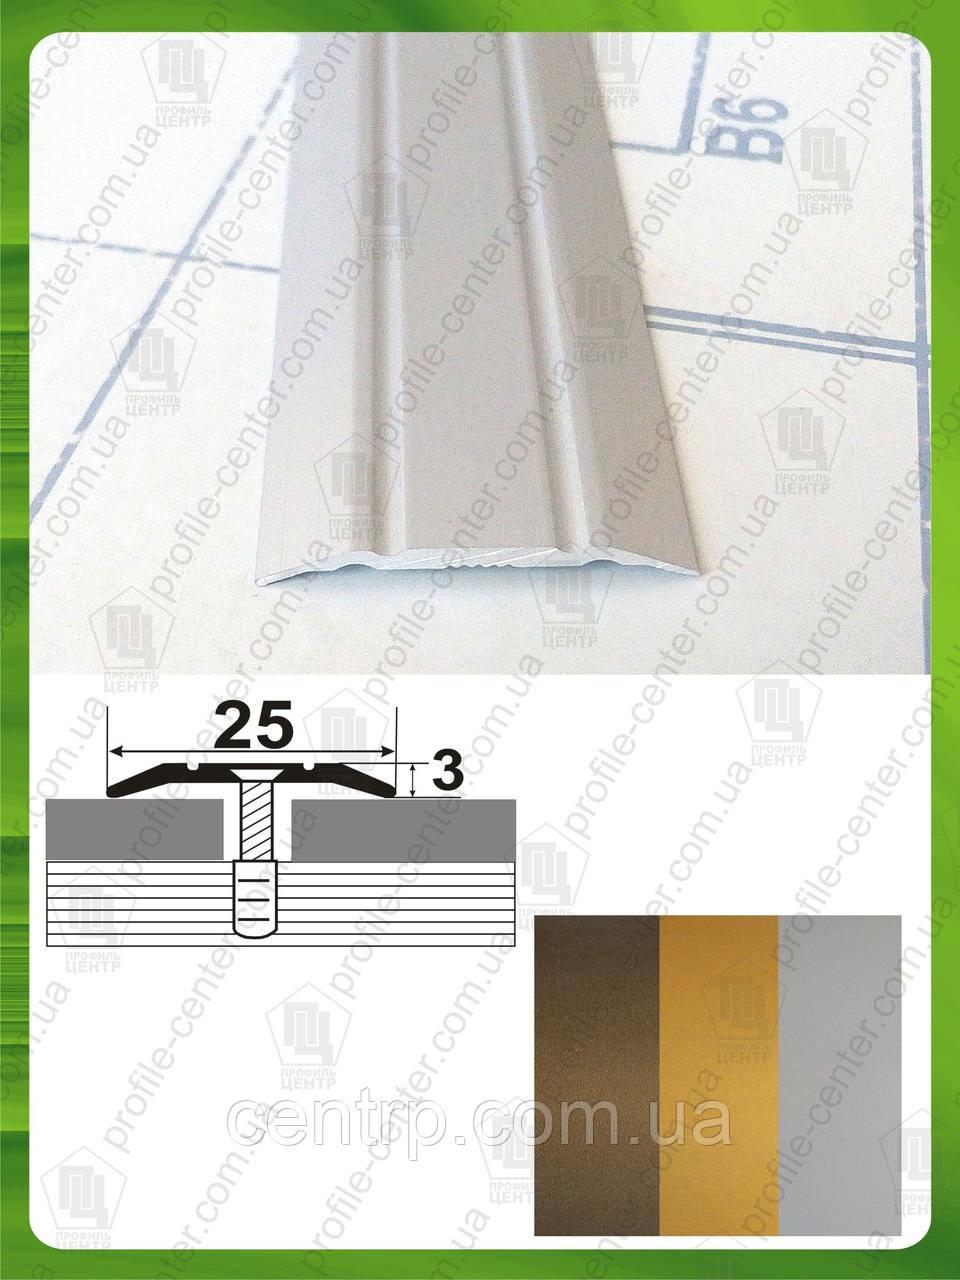 Стыковочный порог для пола 25мм. АП 003 Анод